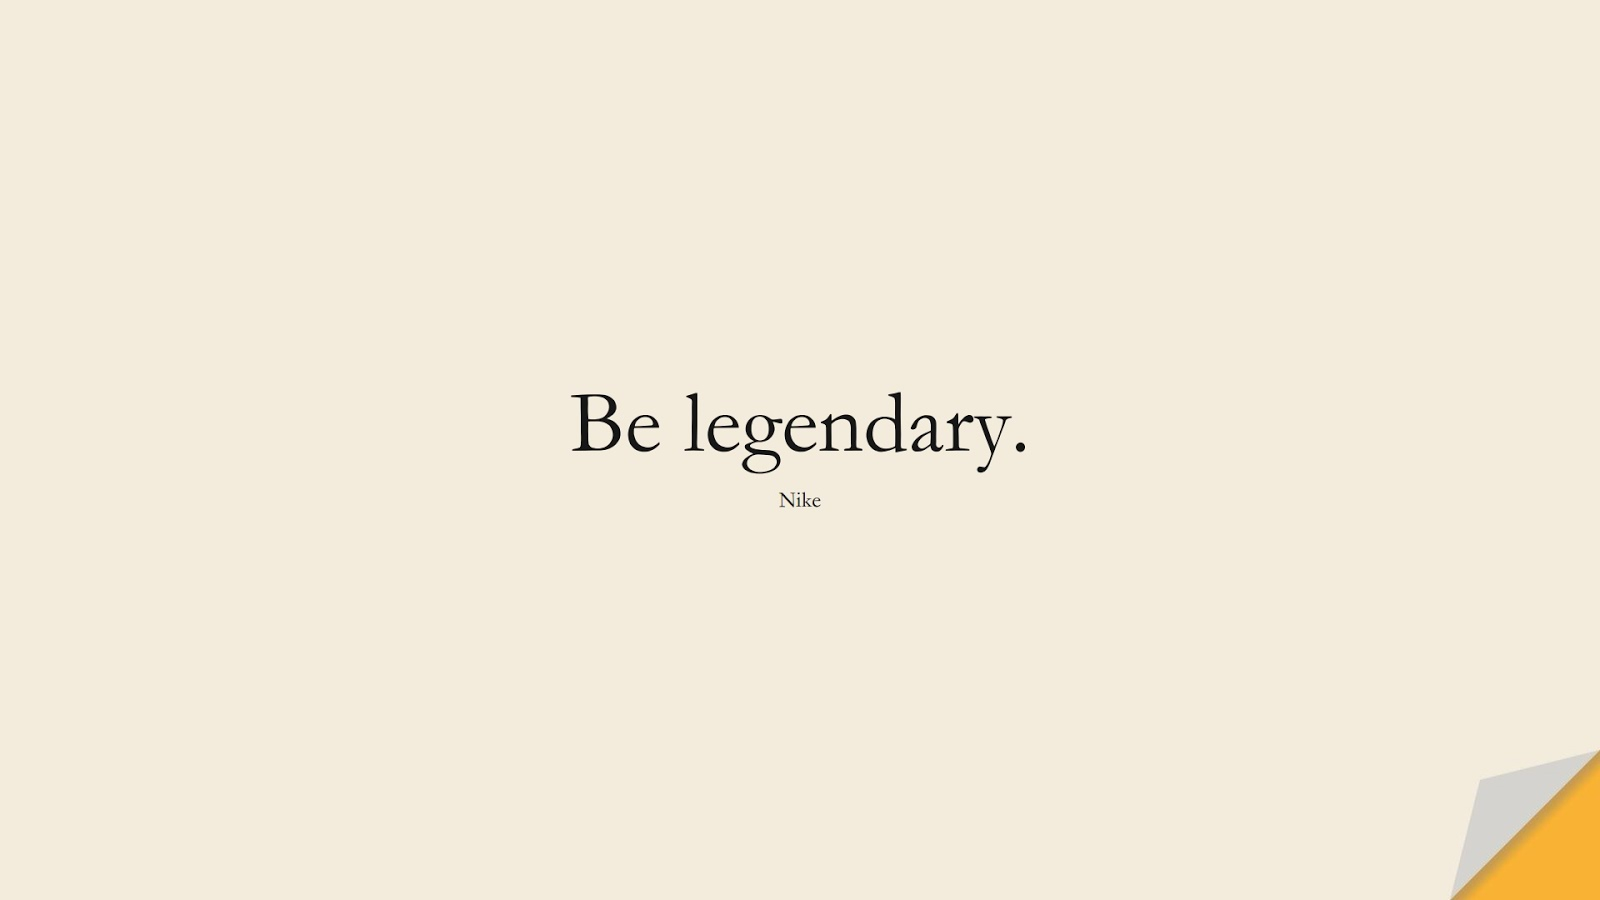 Be legendary. (Nike);  #HardWorkQuotes